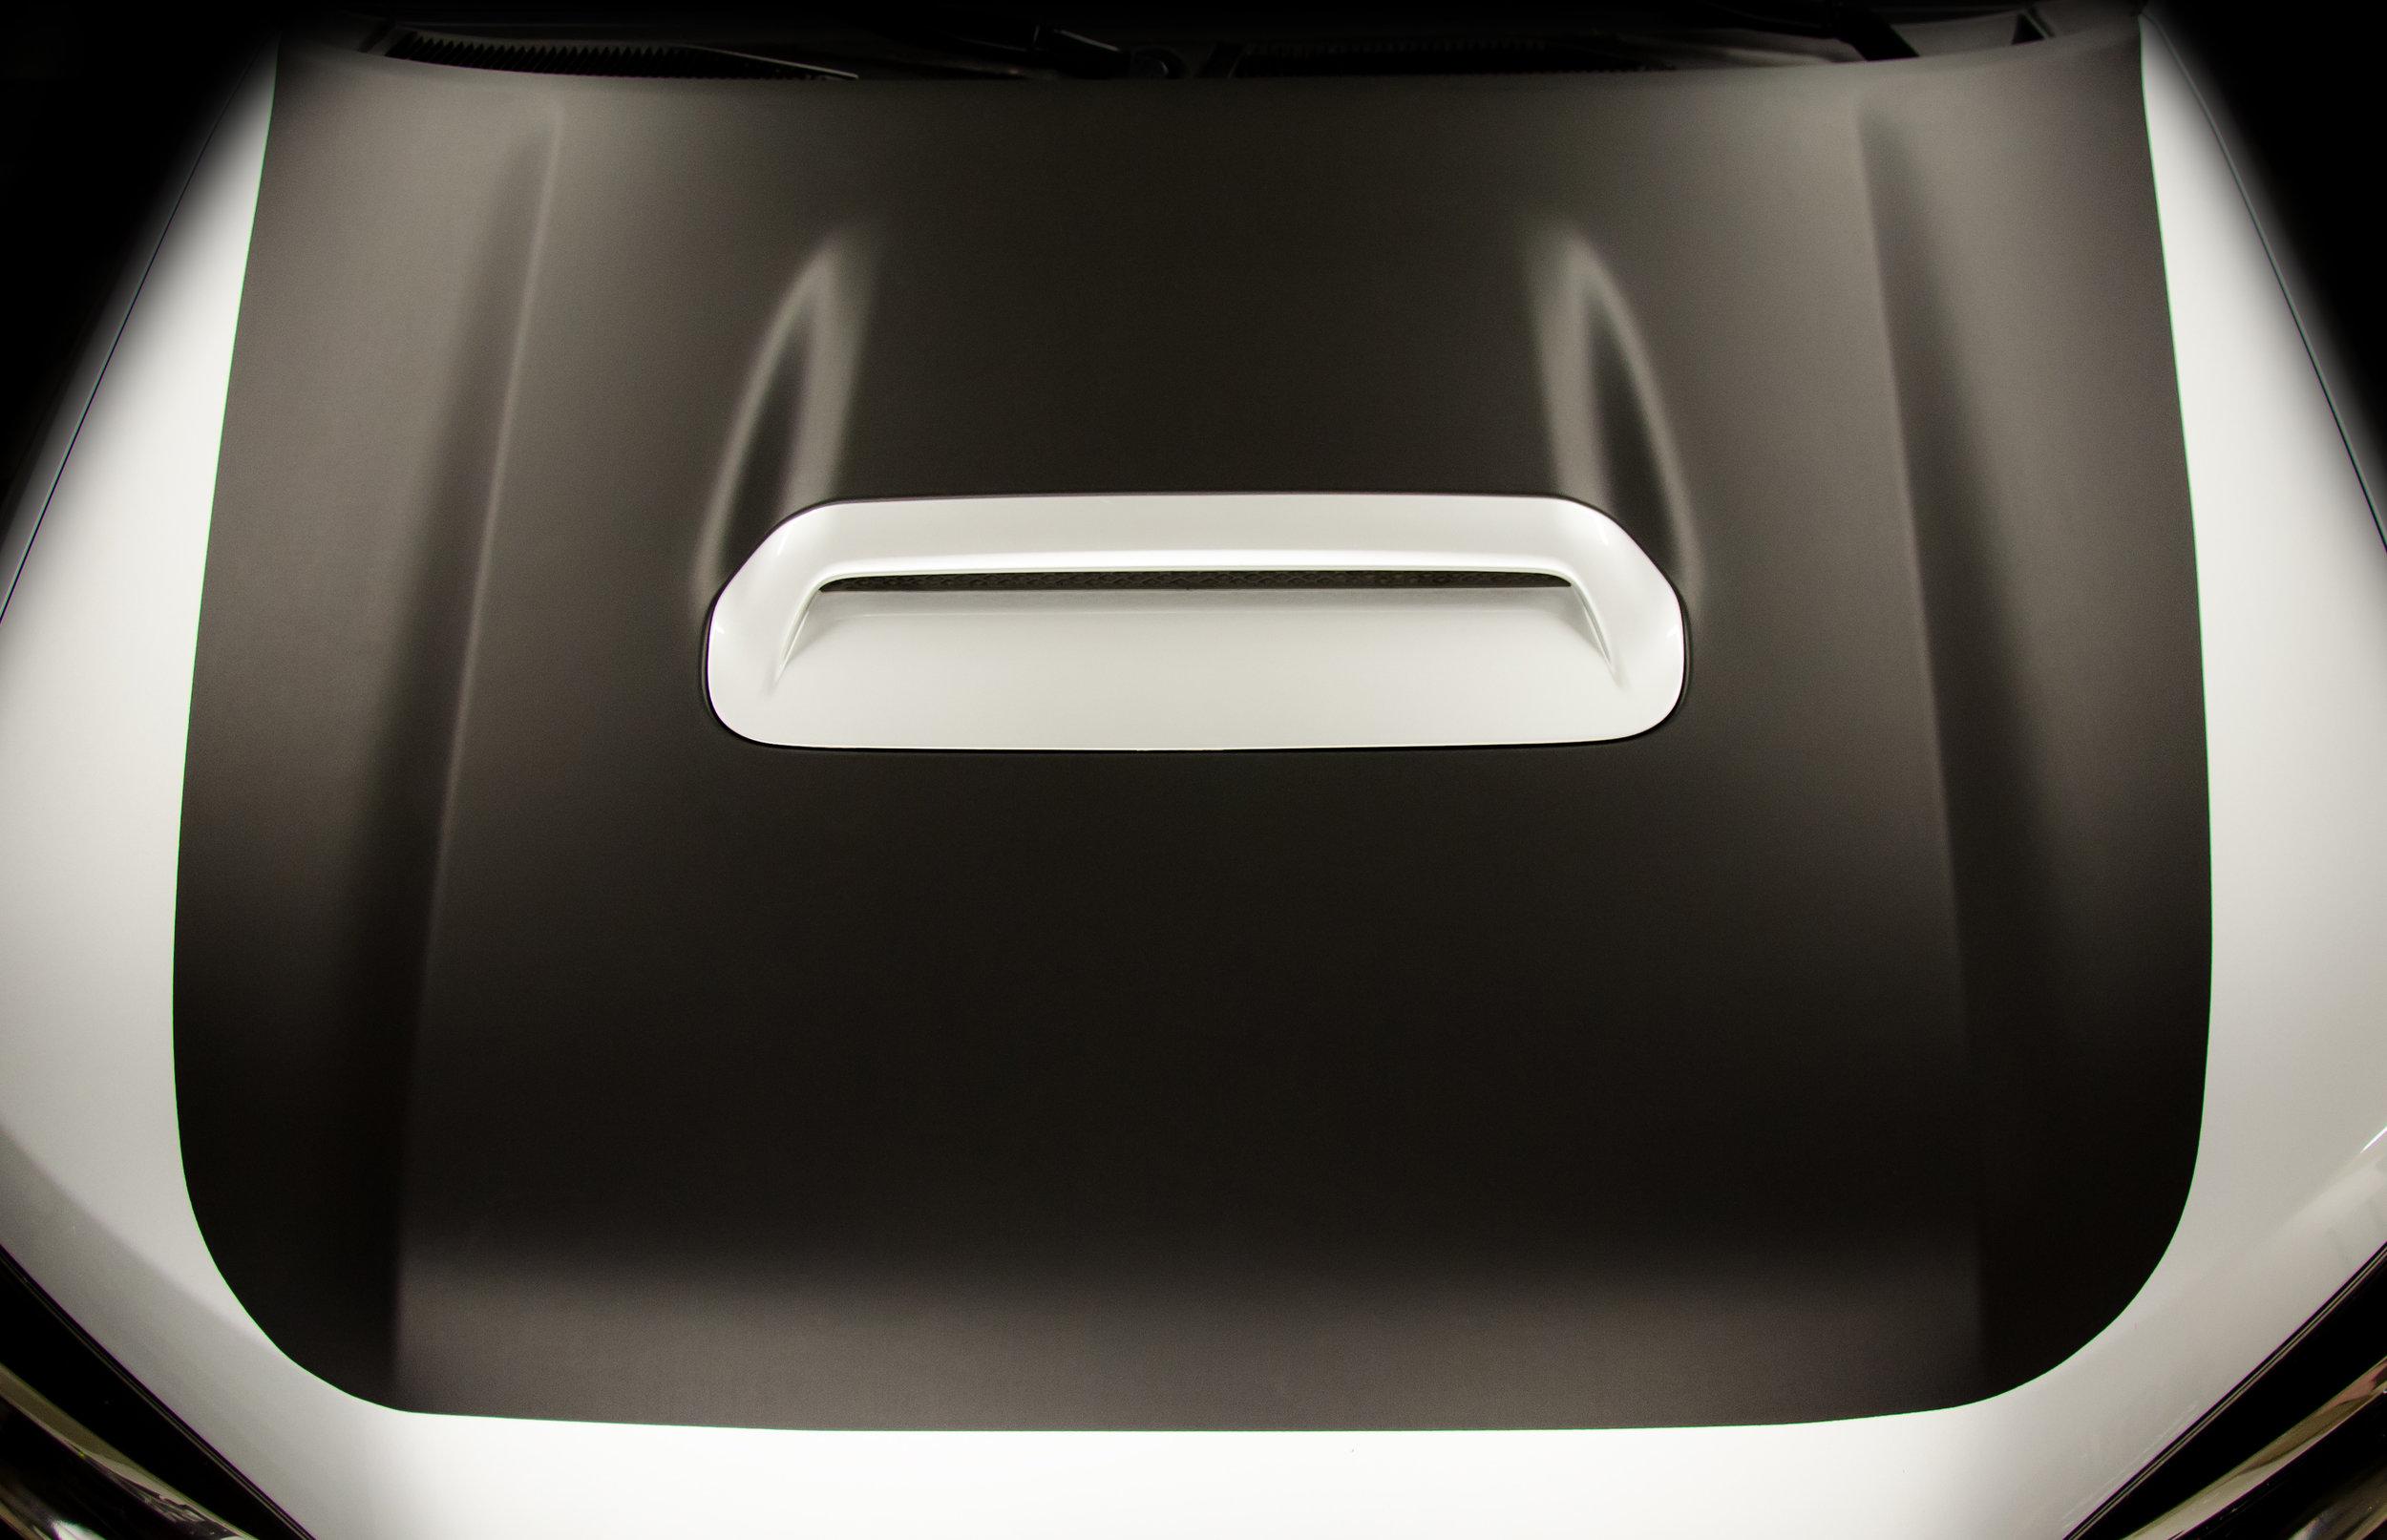 Avery Sw900 Matte black on a Toyota 4runner